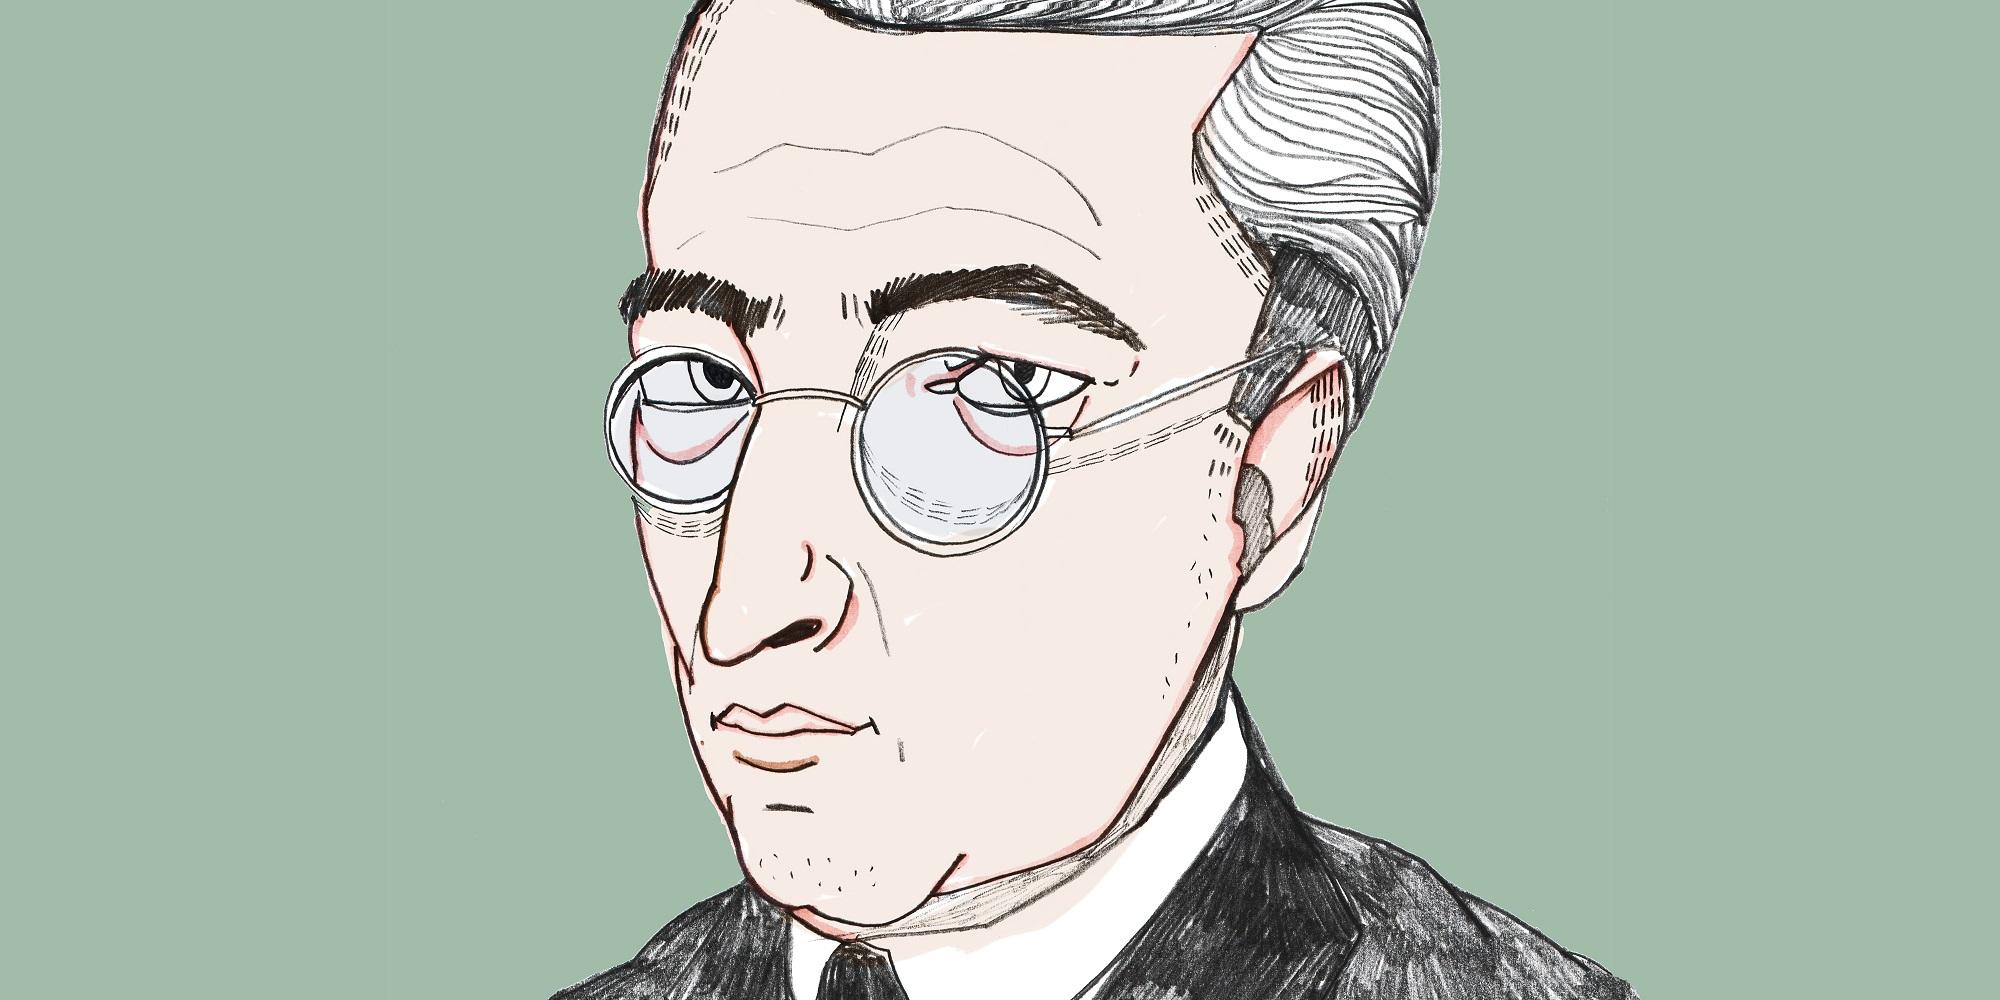 profesor-uribe